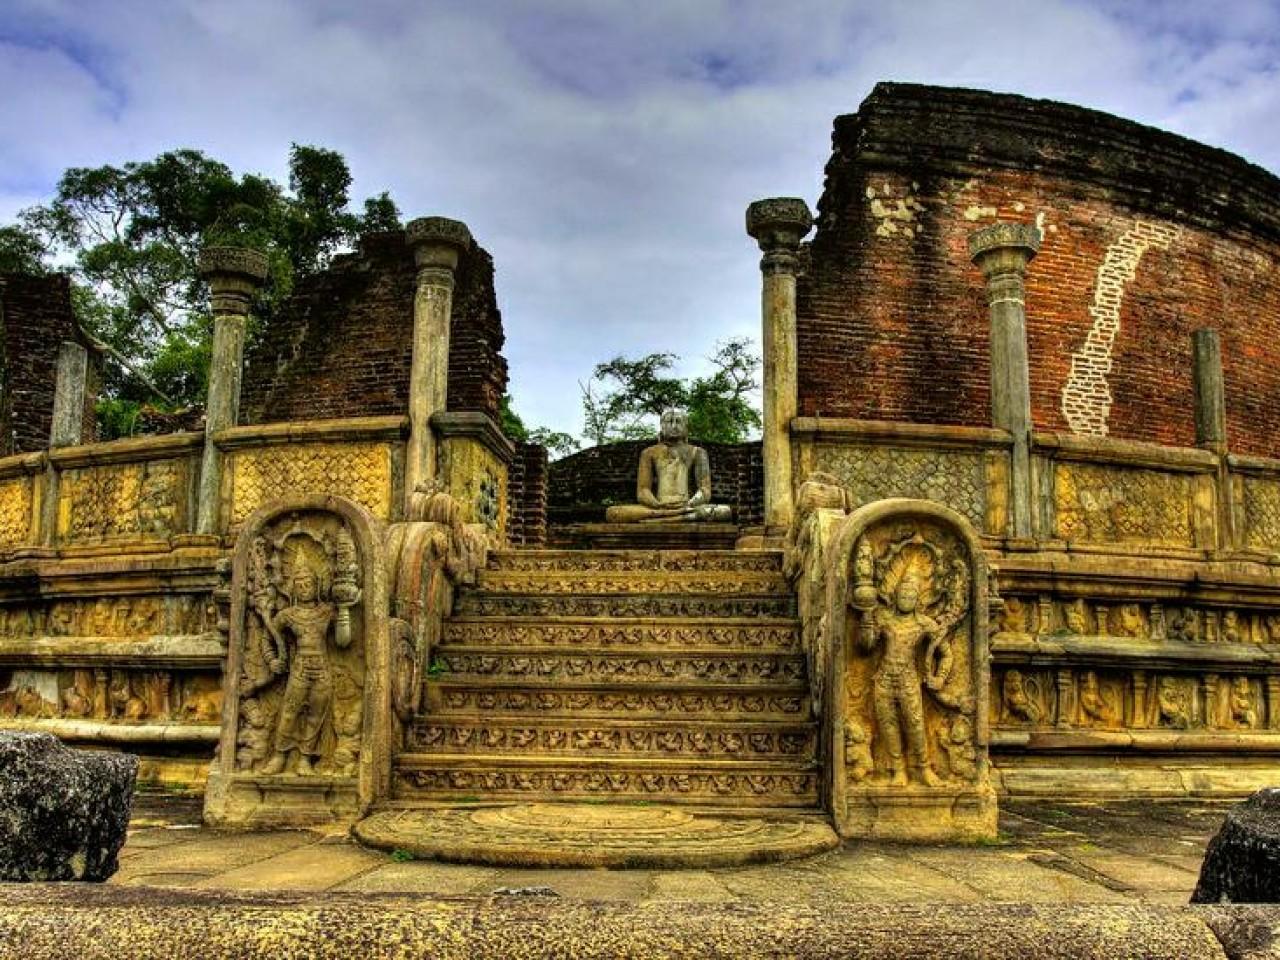 Heritage & Culture